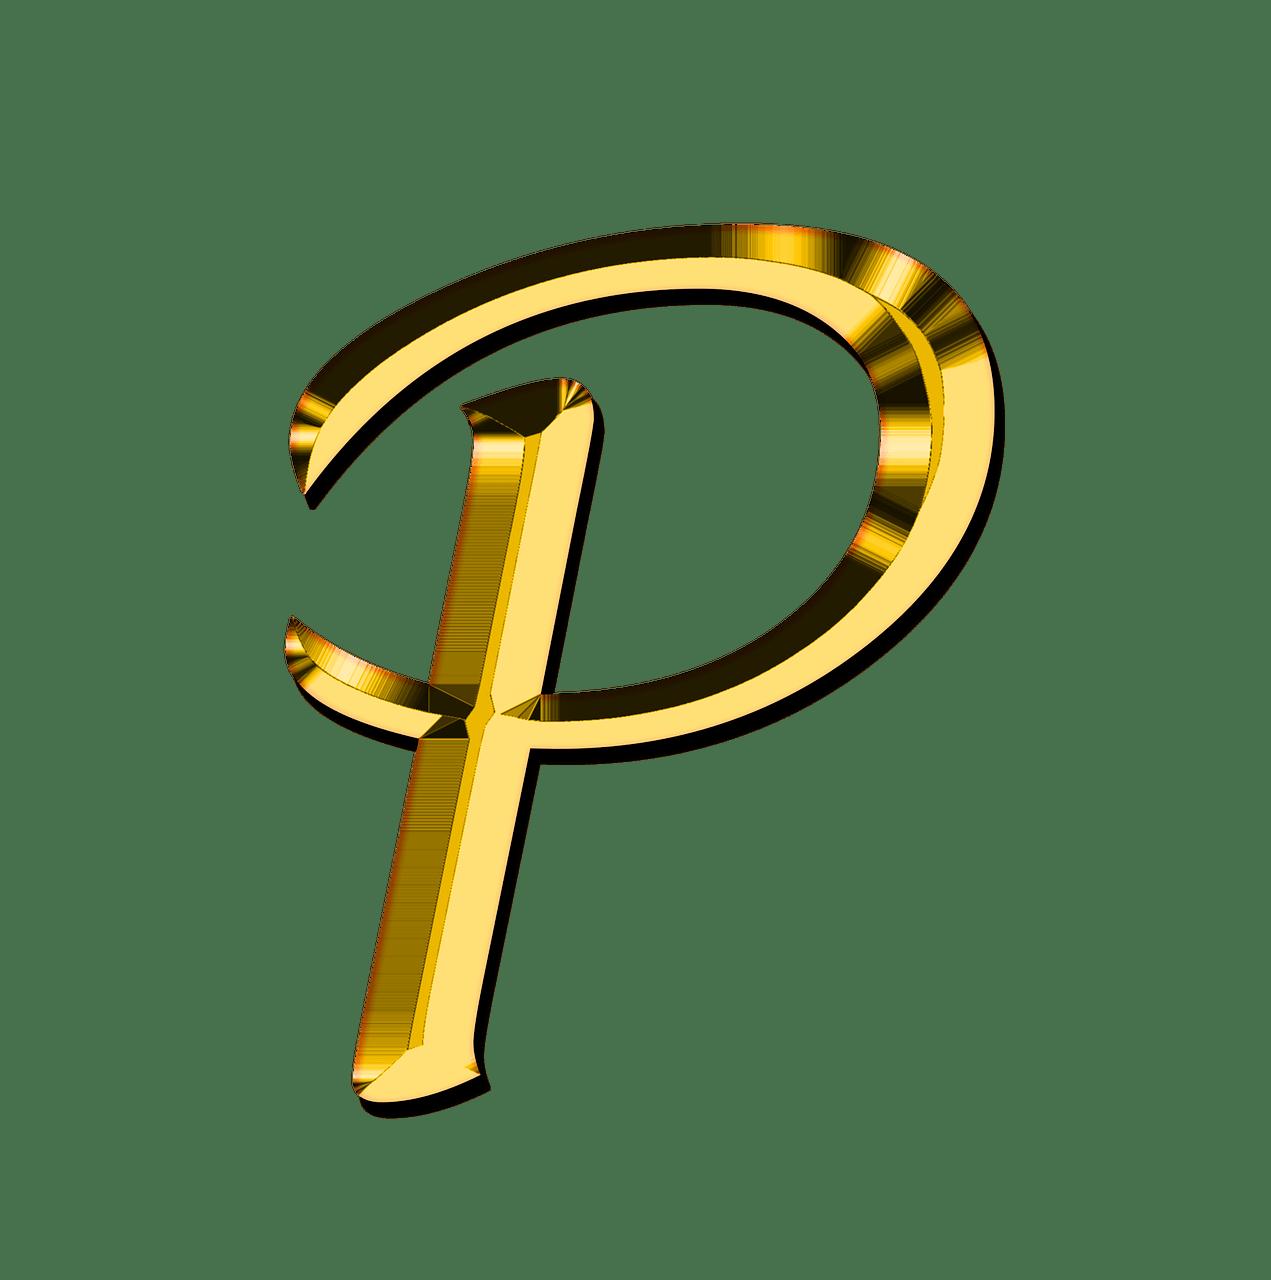 Capital Letter P Transparent PNG